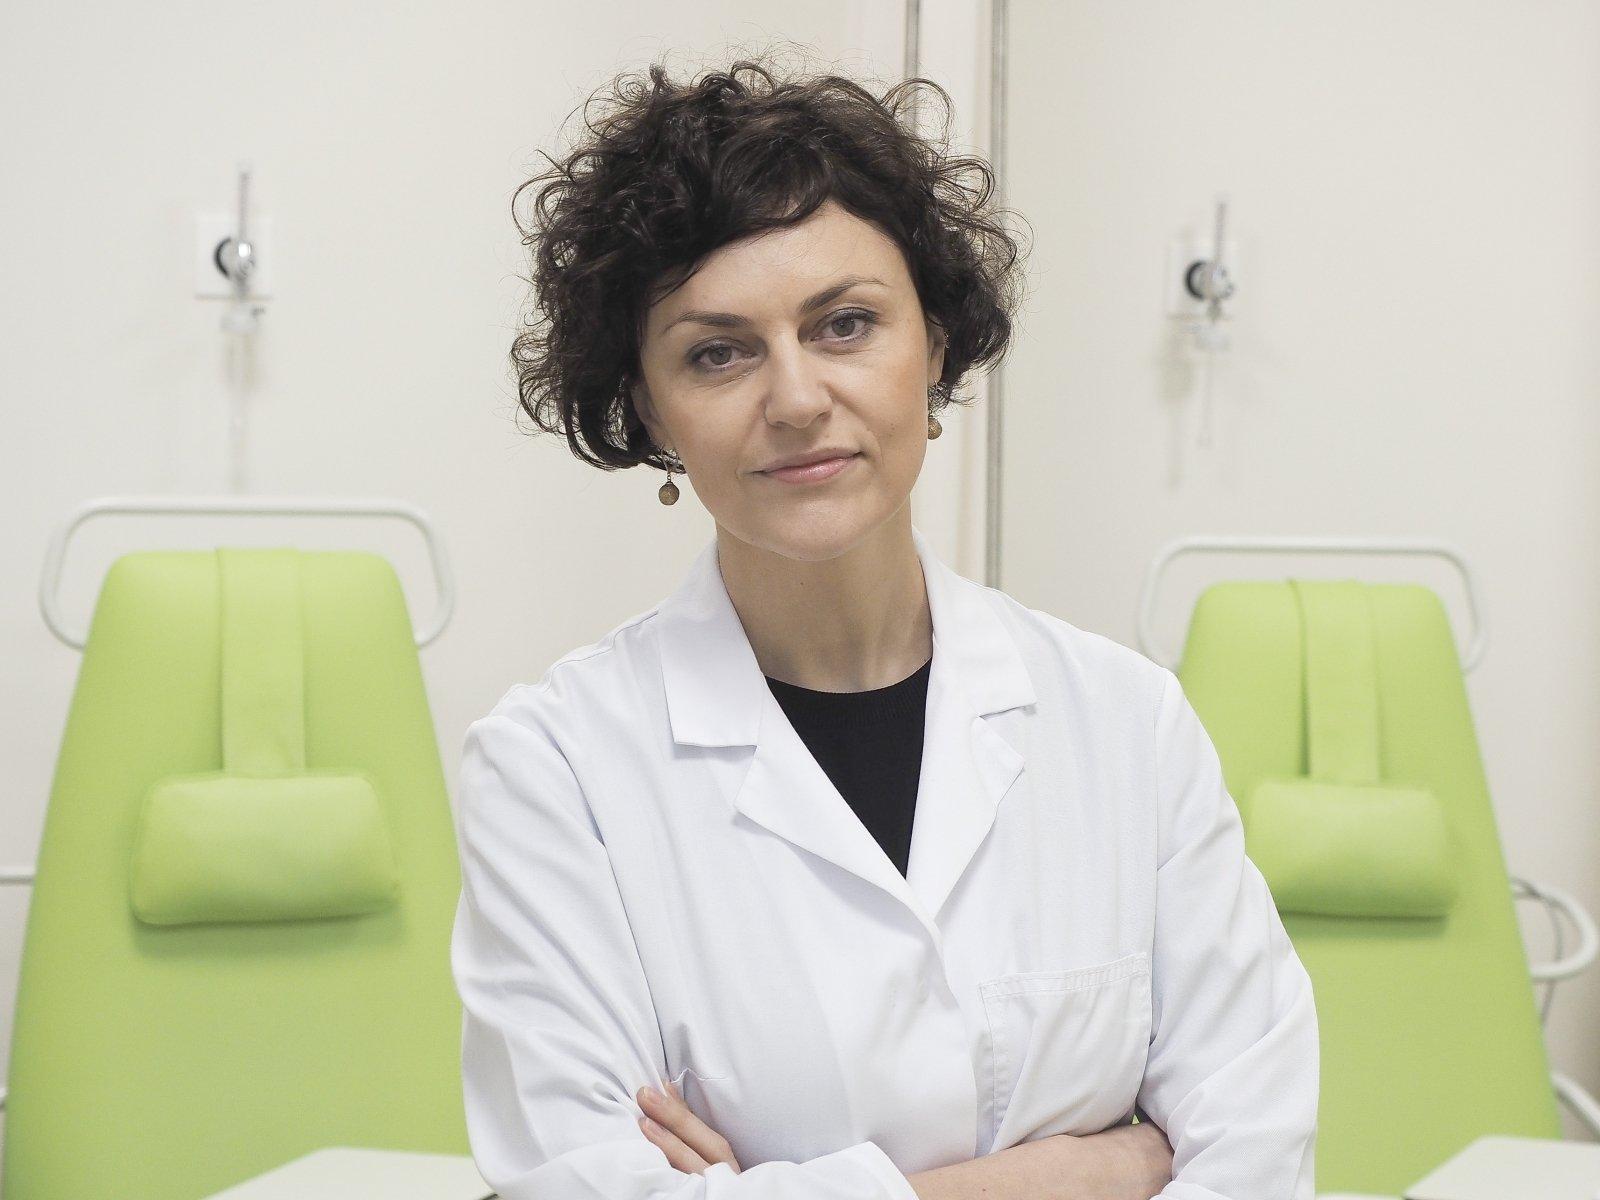 Gydytojas apie didejanti nari Kaip padidinti varpos kieki